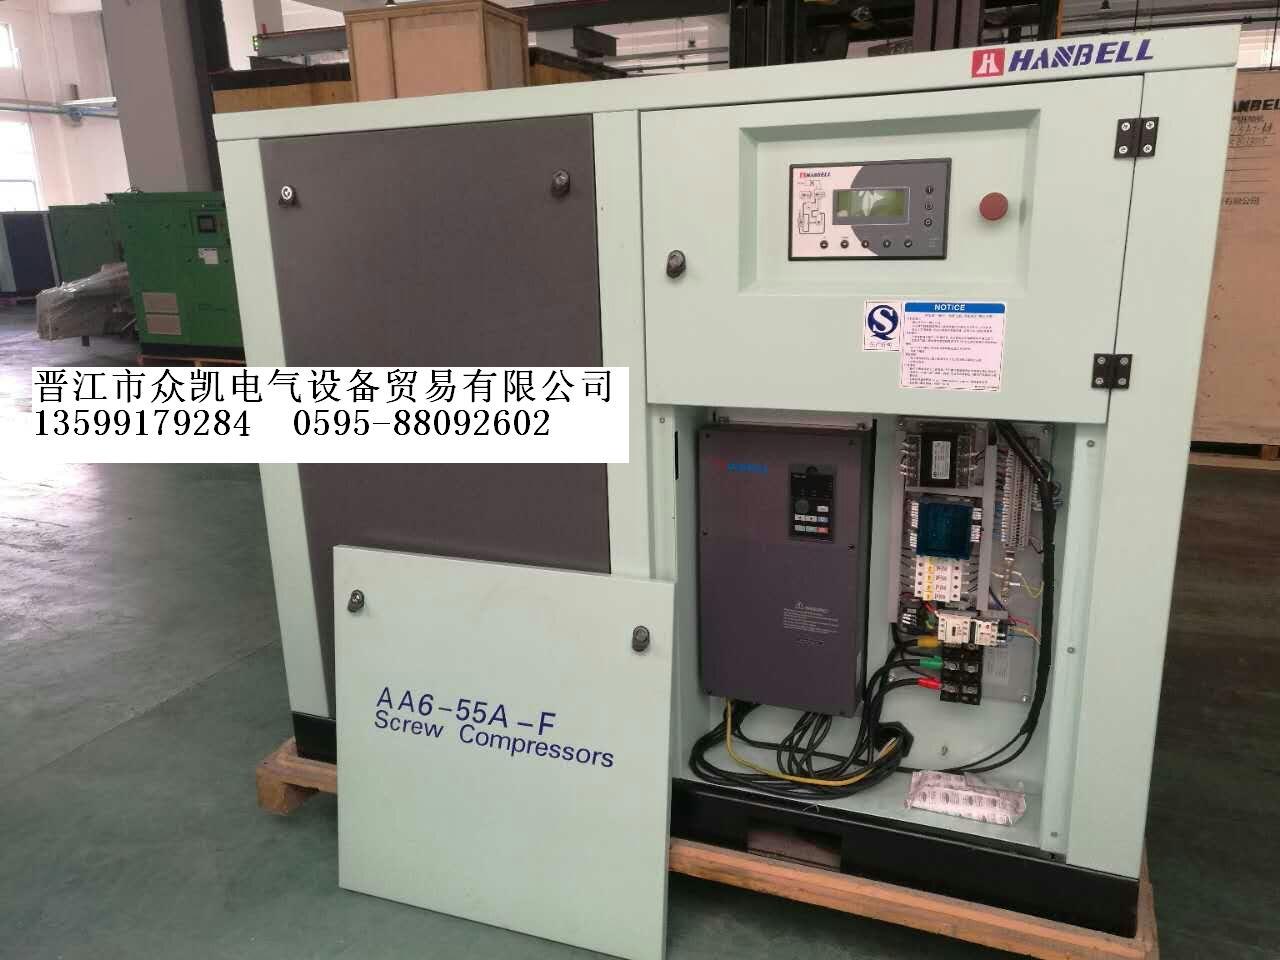 漳州漢鐘螺桿式空壓機在哪買—龍海長泰空壓機批發—空壓機保養